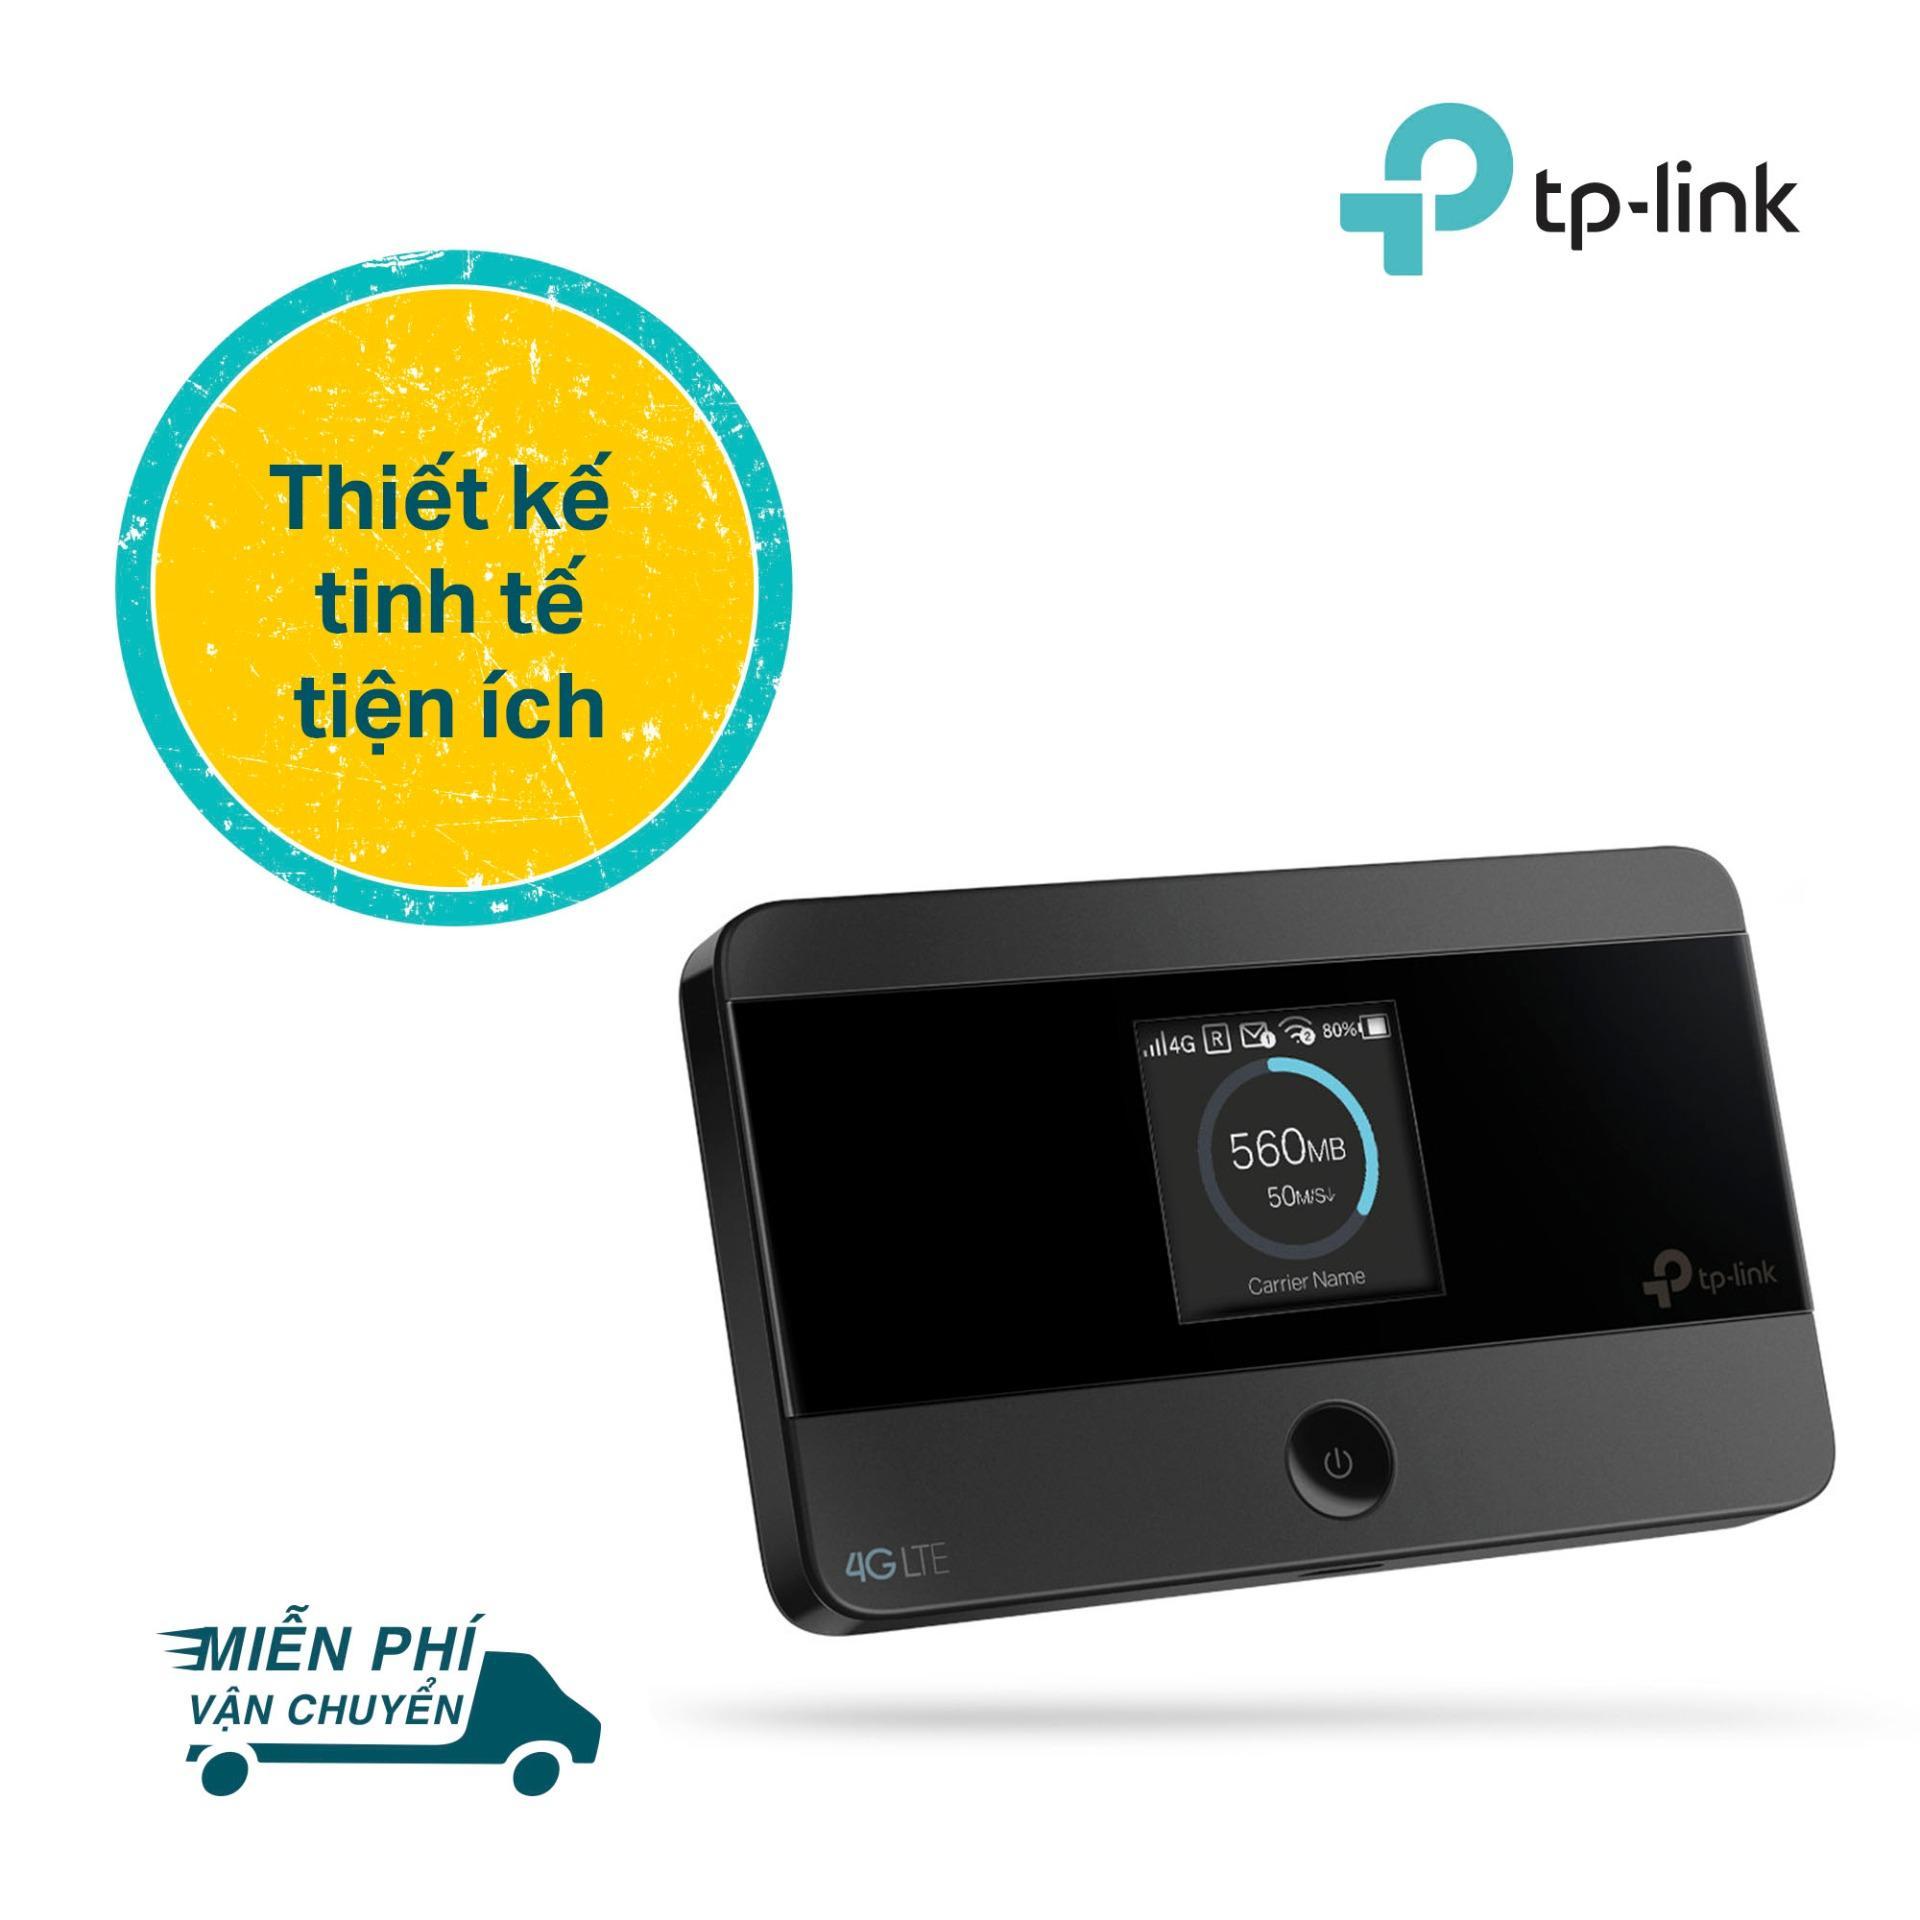 TP-Link bộ phát Wi-Fi di động 4G LTE cho kết nối Wifi siêu nhanh - M7350 - Hãng phân phối...